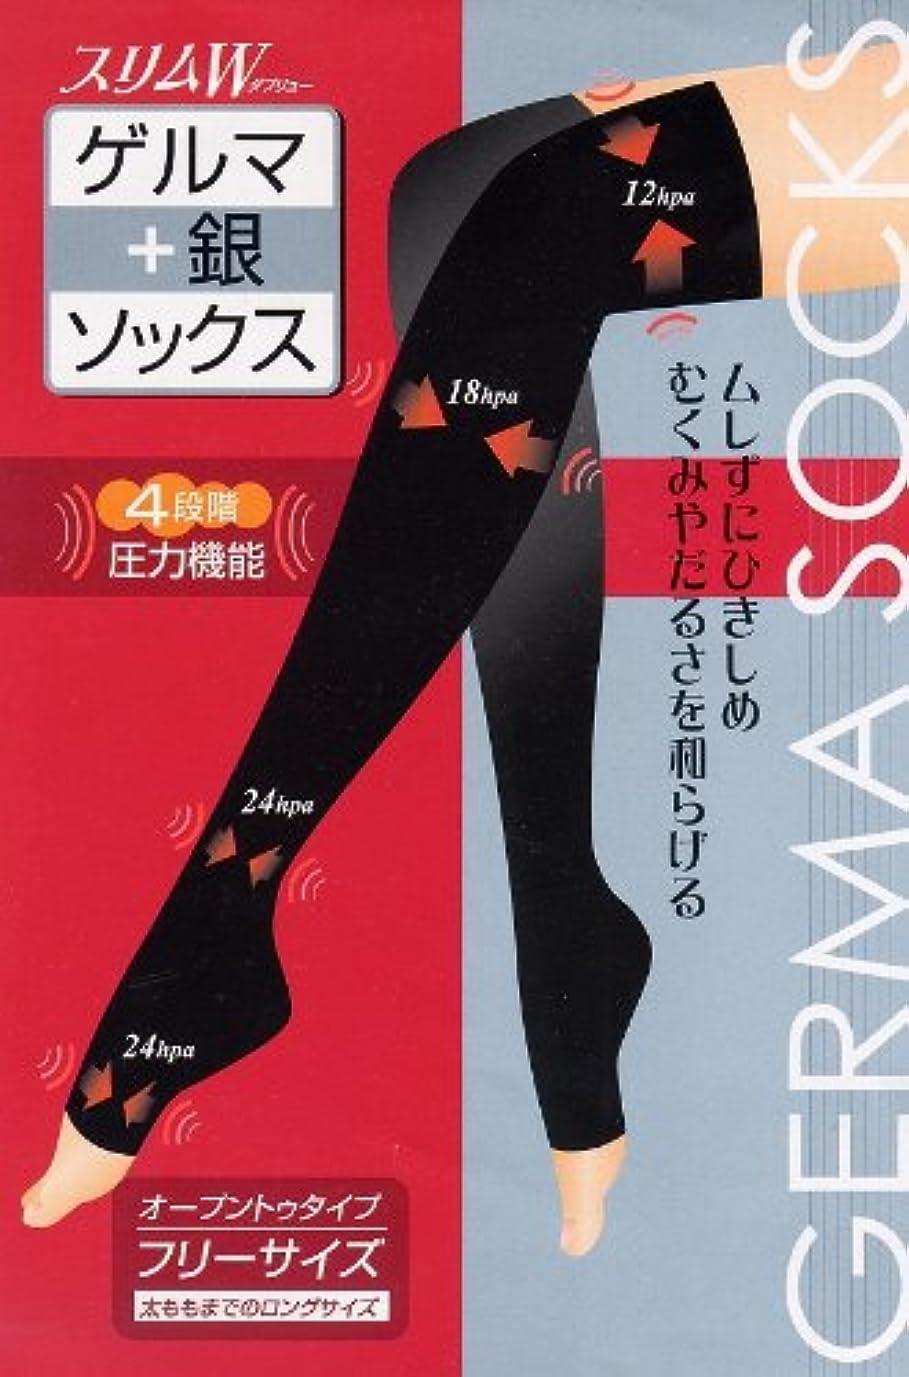 ラテン予測置くためにパックスラットスリムダブリュー ゲルマ+銀ソックス (フリーサイズロングソックス)美脚を目指す貴方に!日本製